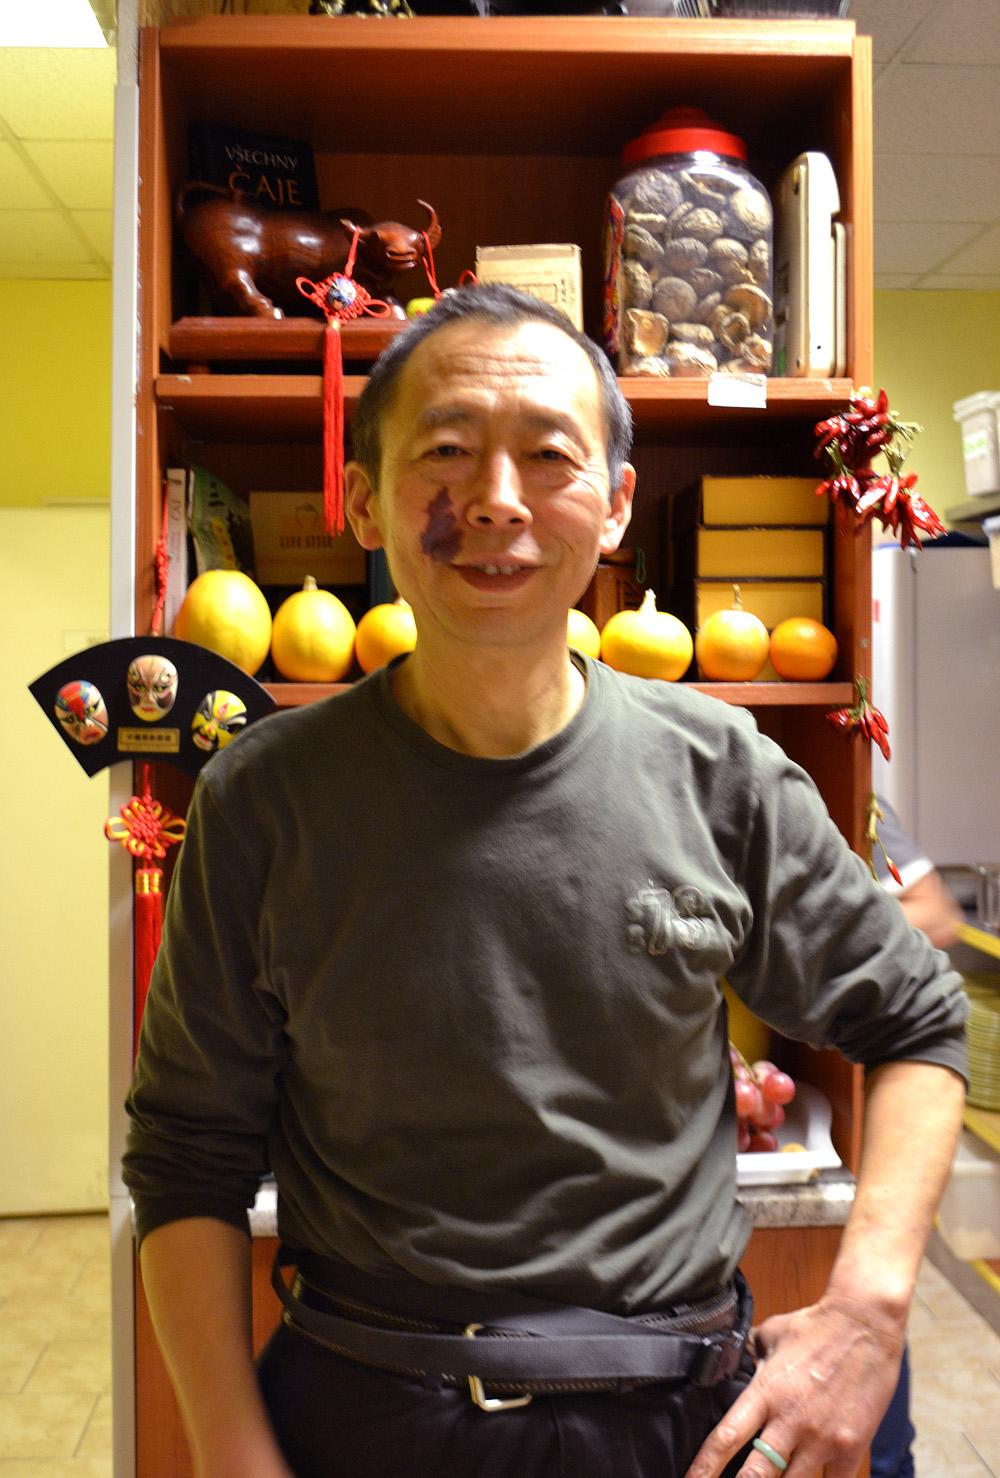 Jian Guo Chen ve své veganské restauraci Vegetka. Foto: Barbora Šajmovičová, 2016.